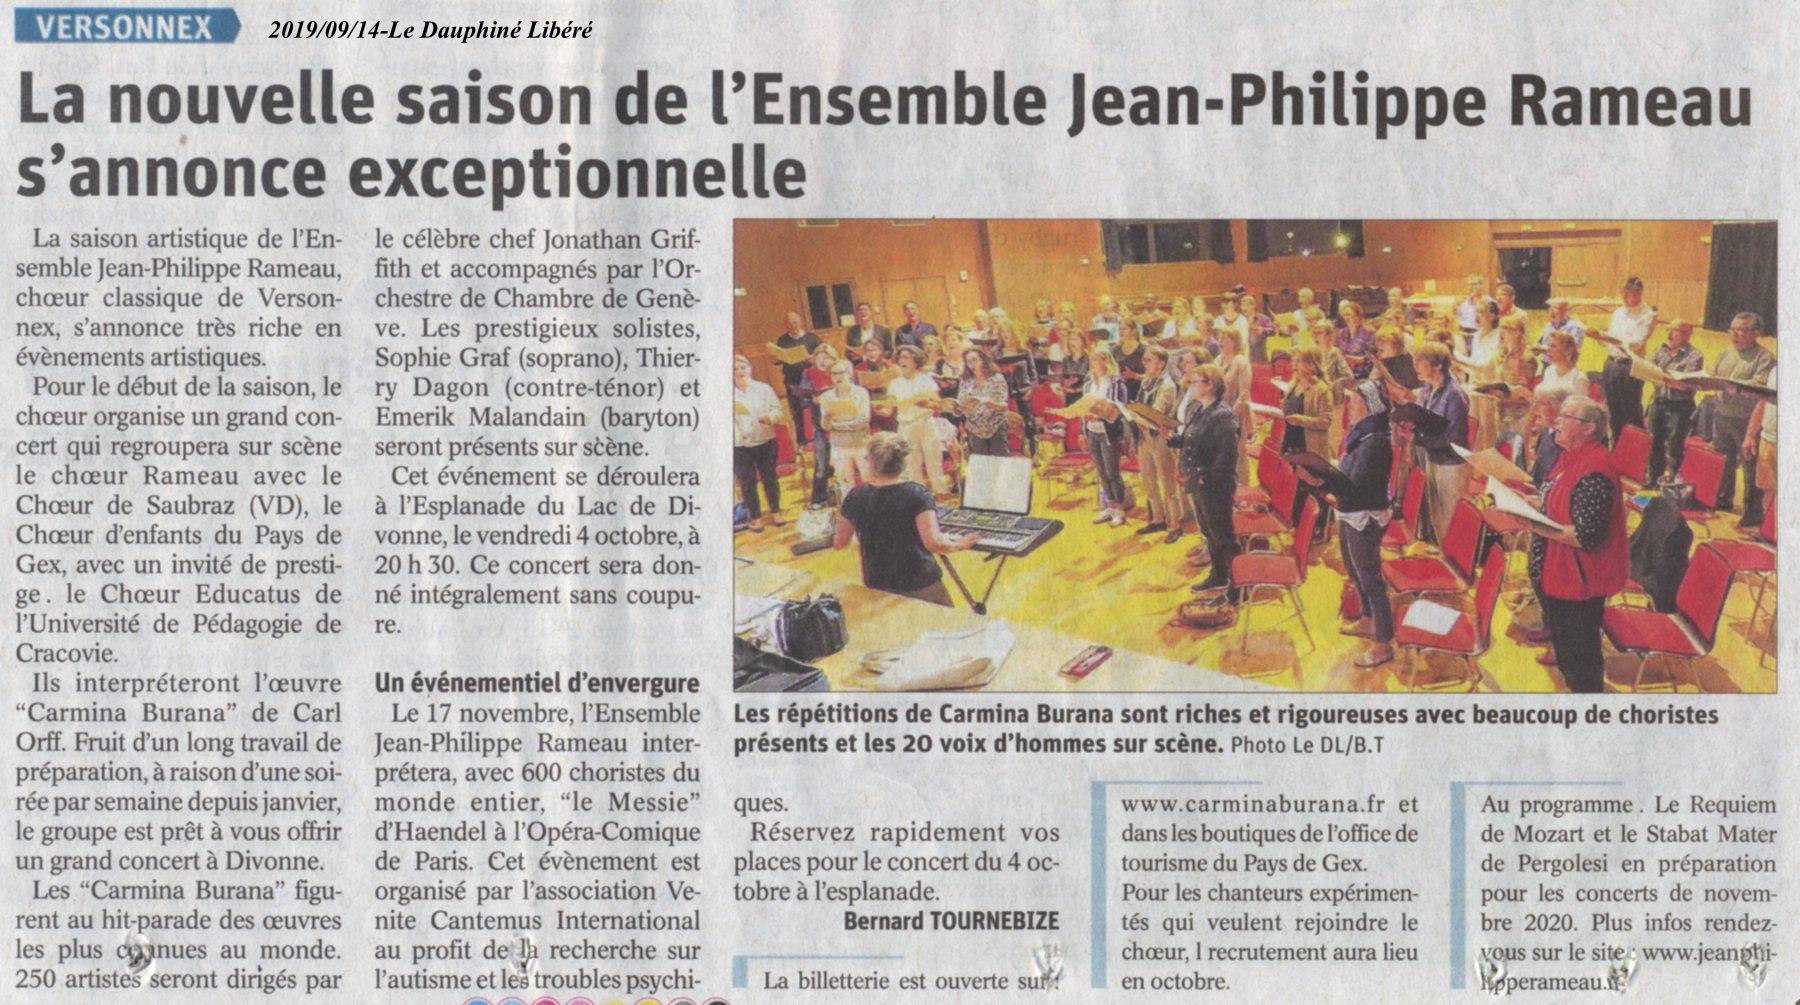 La nouvelle saison de l'Ensemble Jean Philippe Rameau s'annonce exceptionnelle